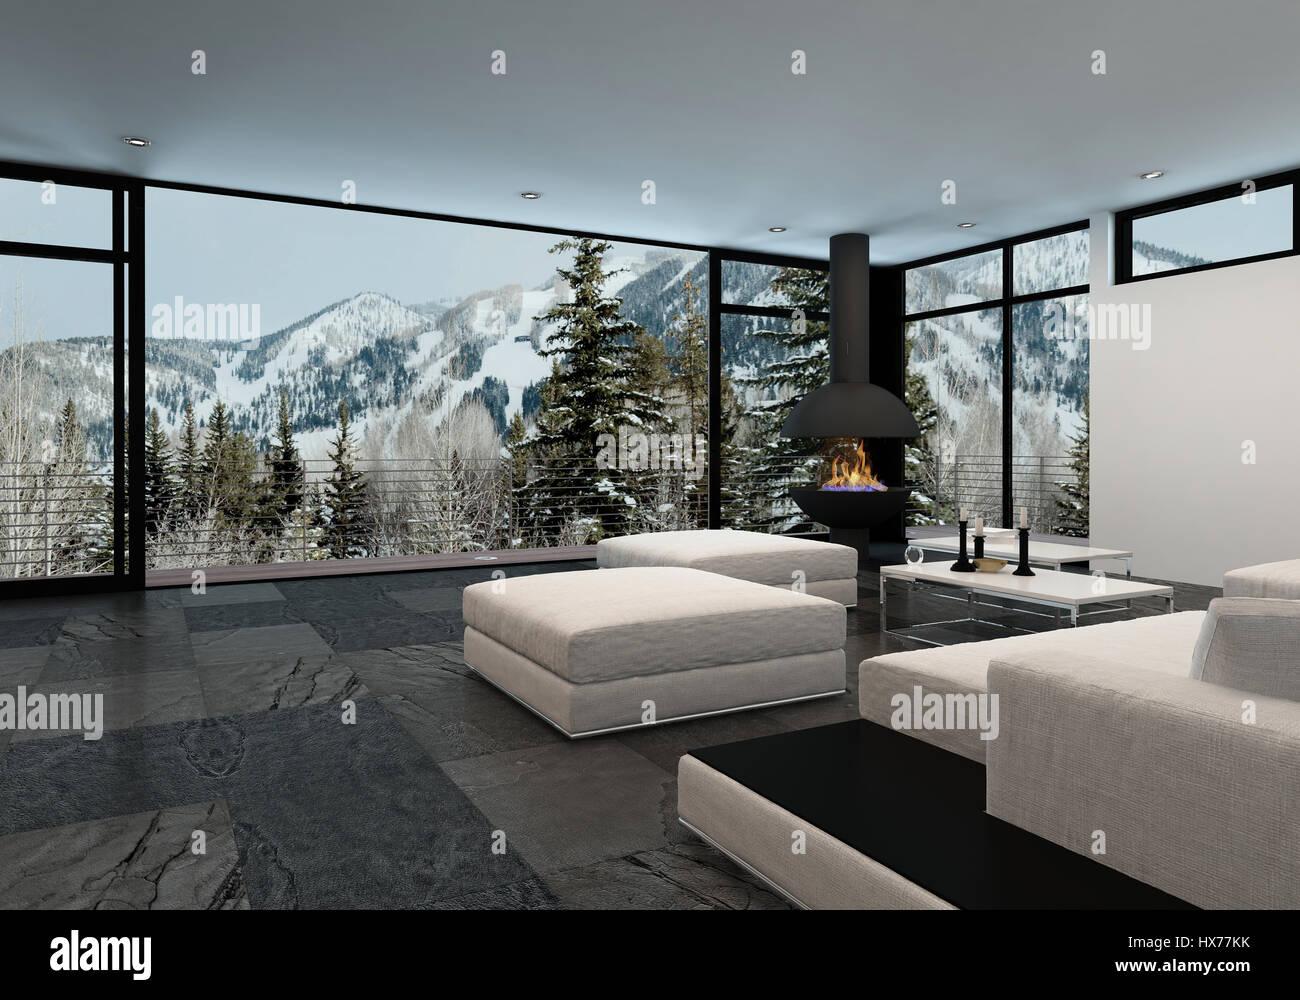 Minimalistische luxus wohnlandschaft in den bergen mit großen wrap